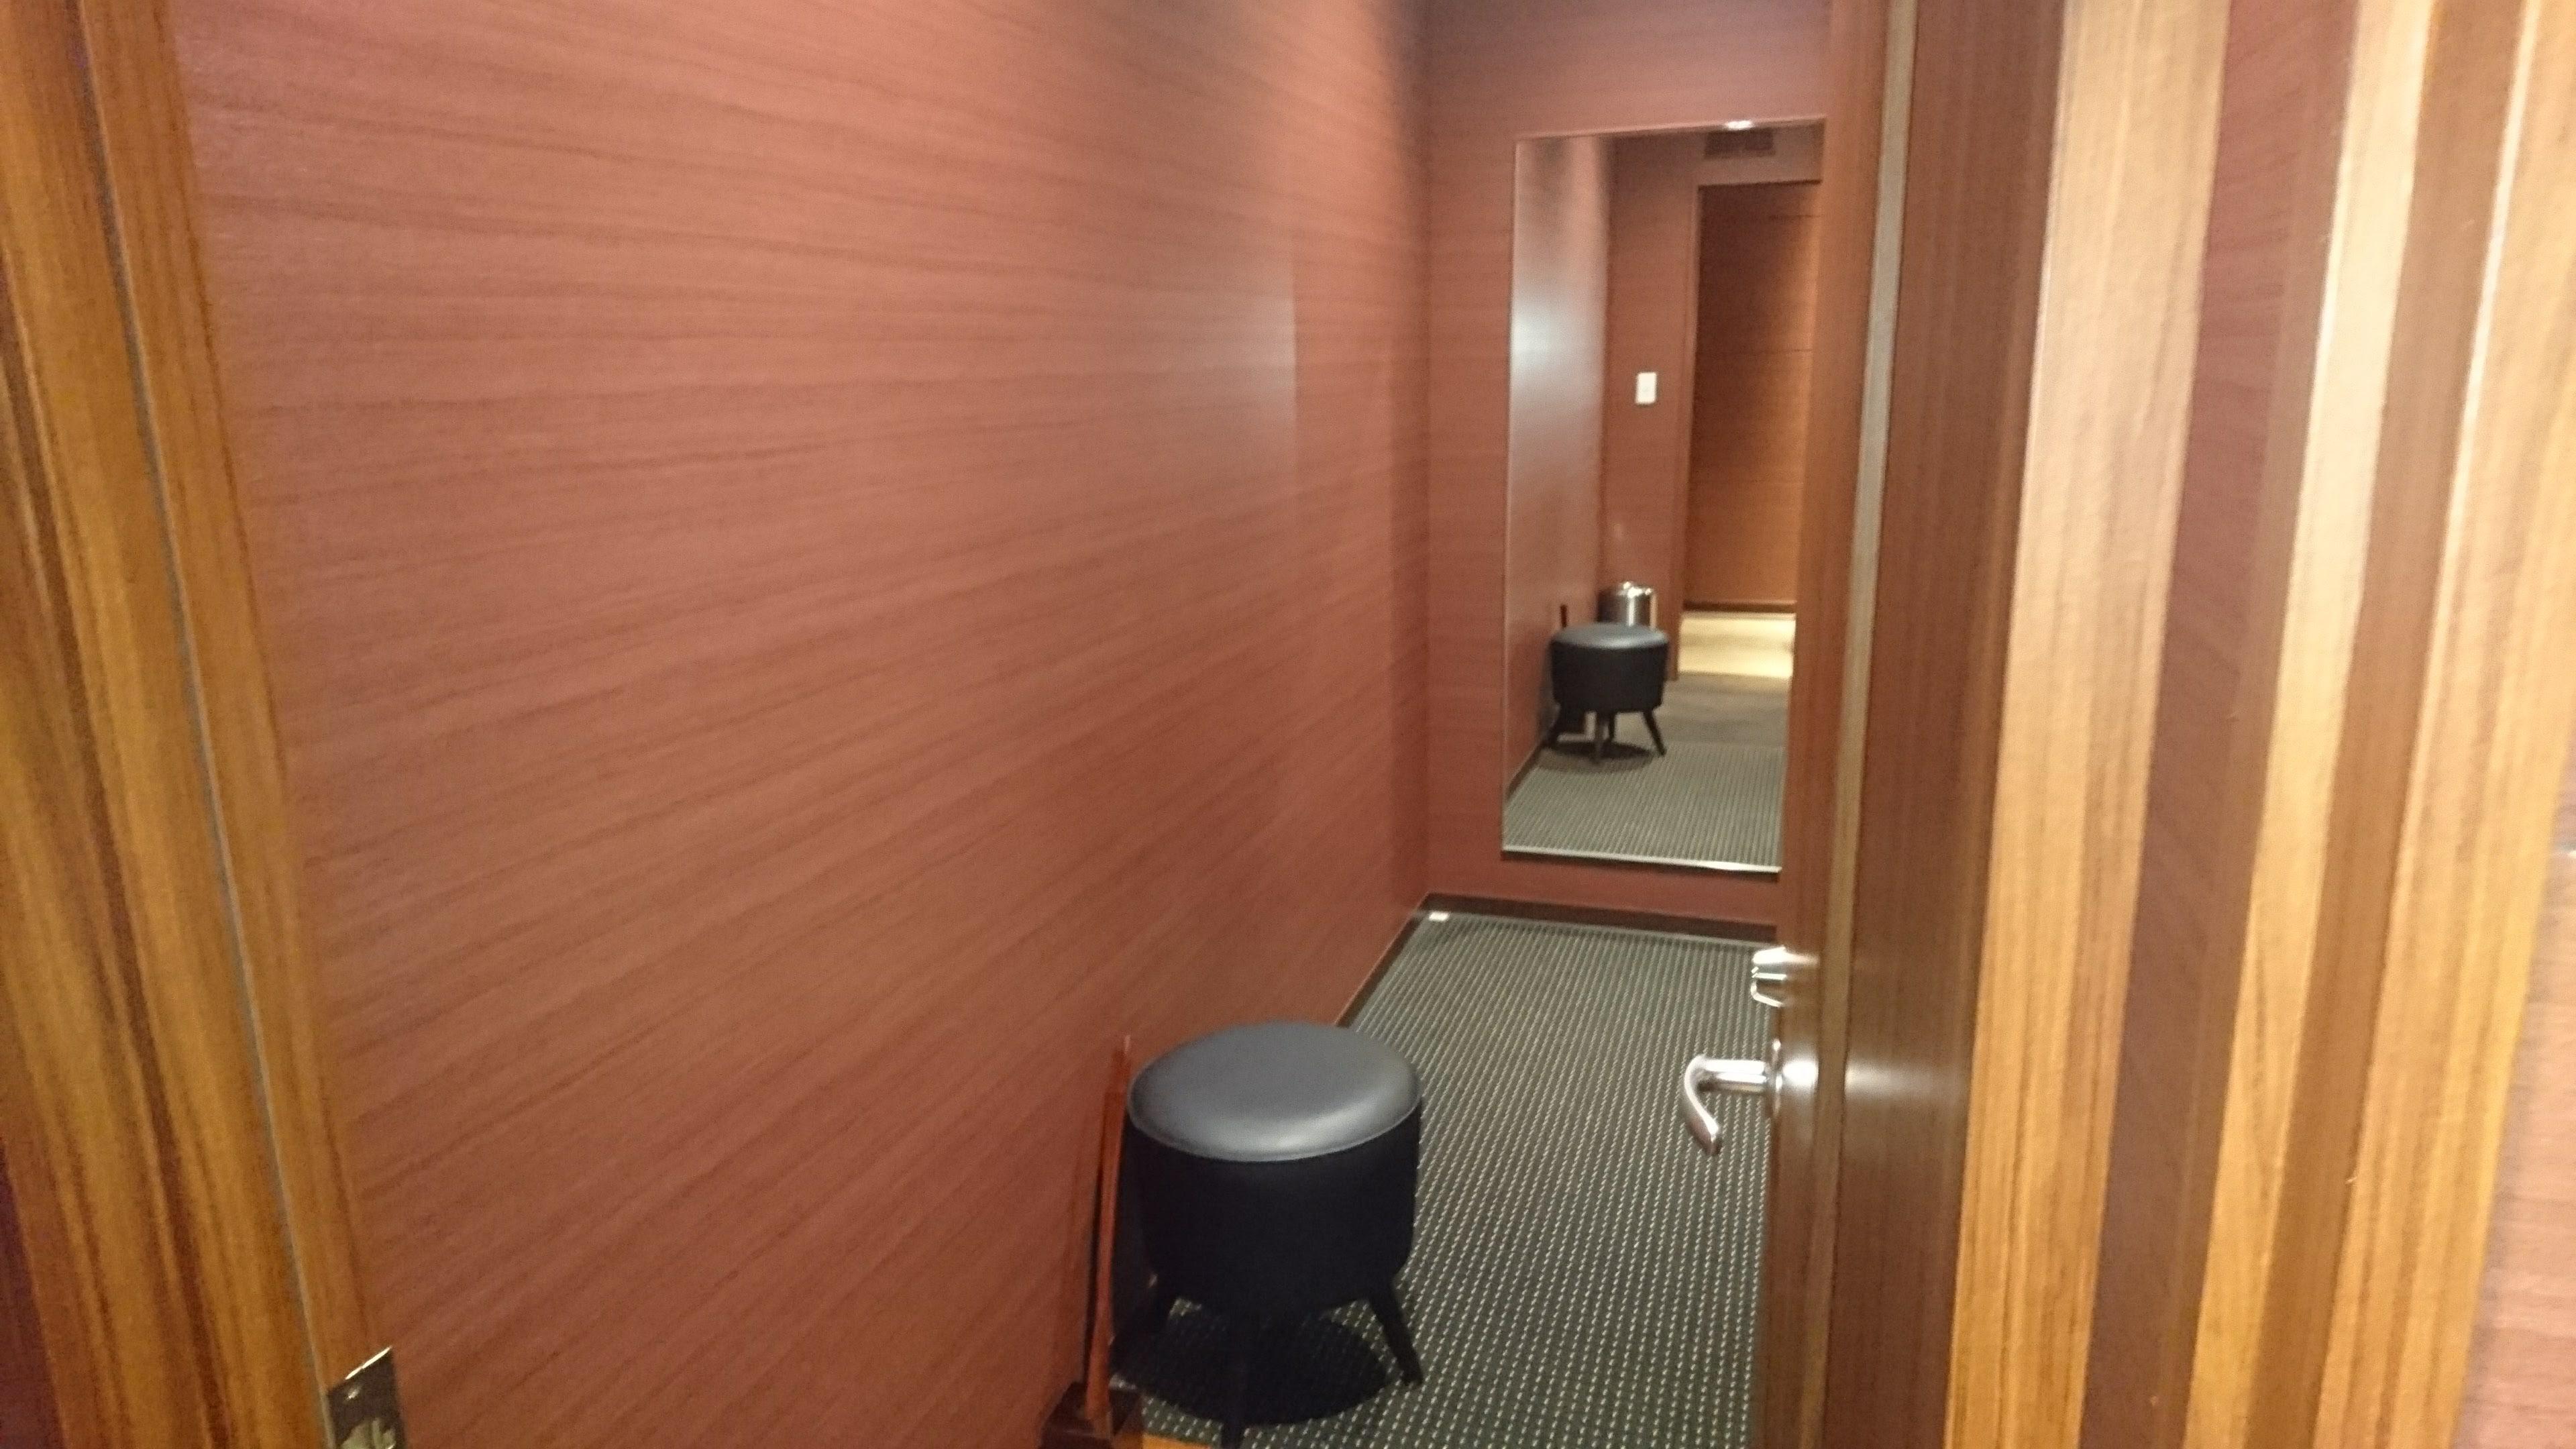 着替えができるような姿見の鏡や椅子